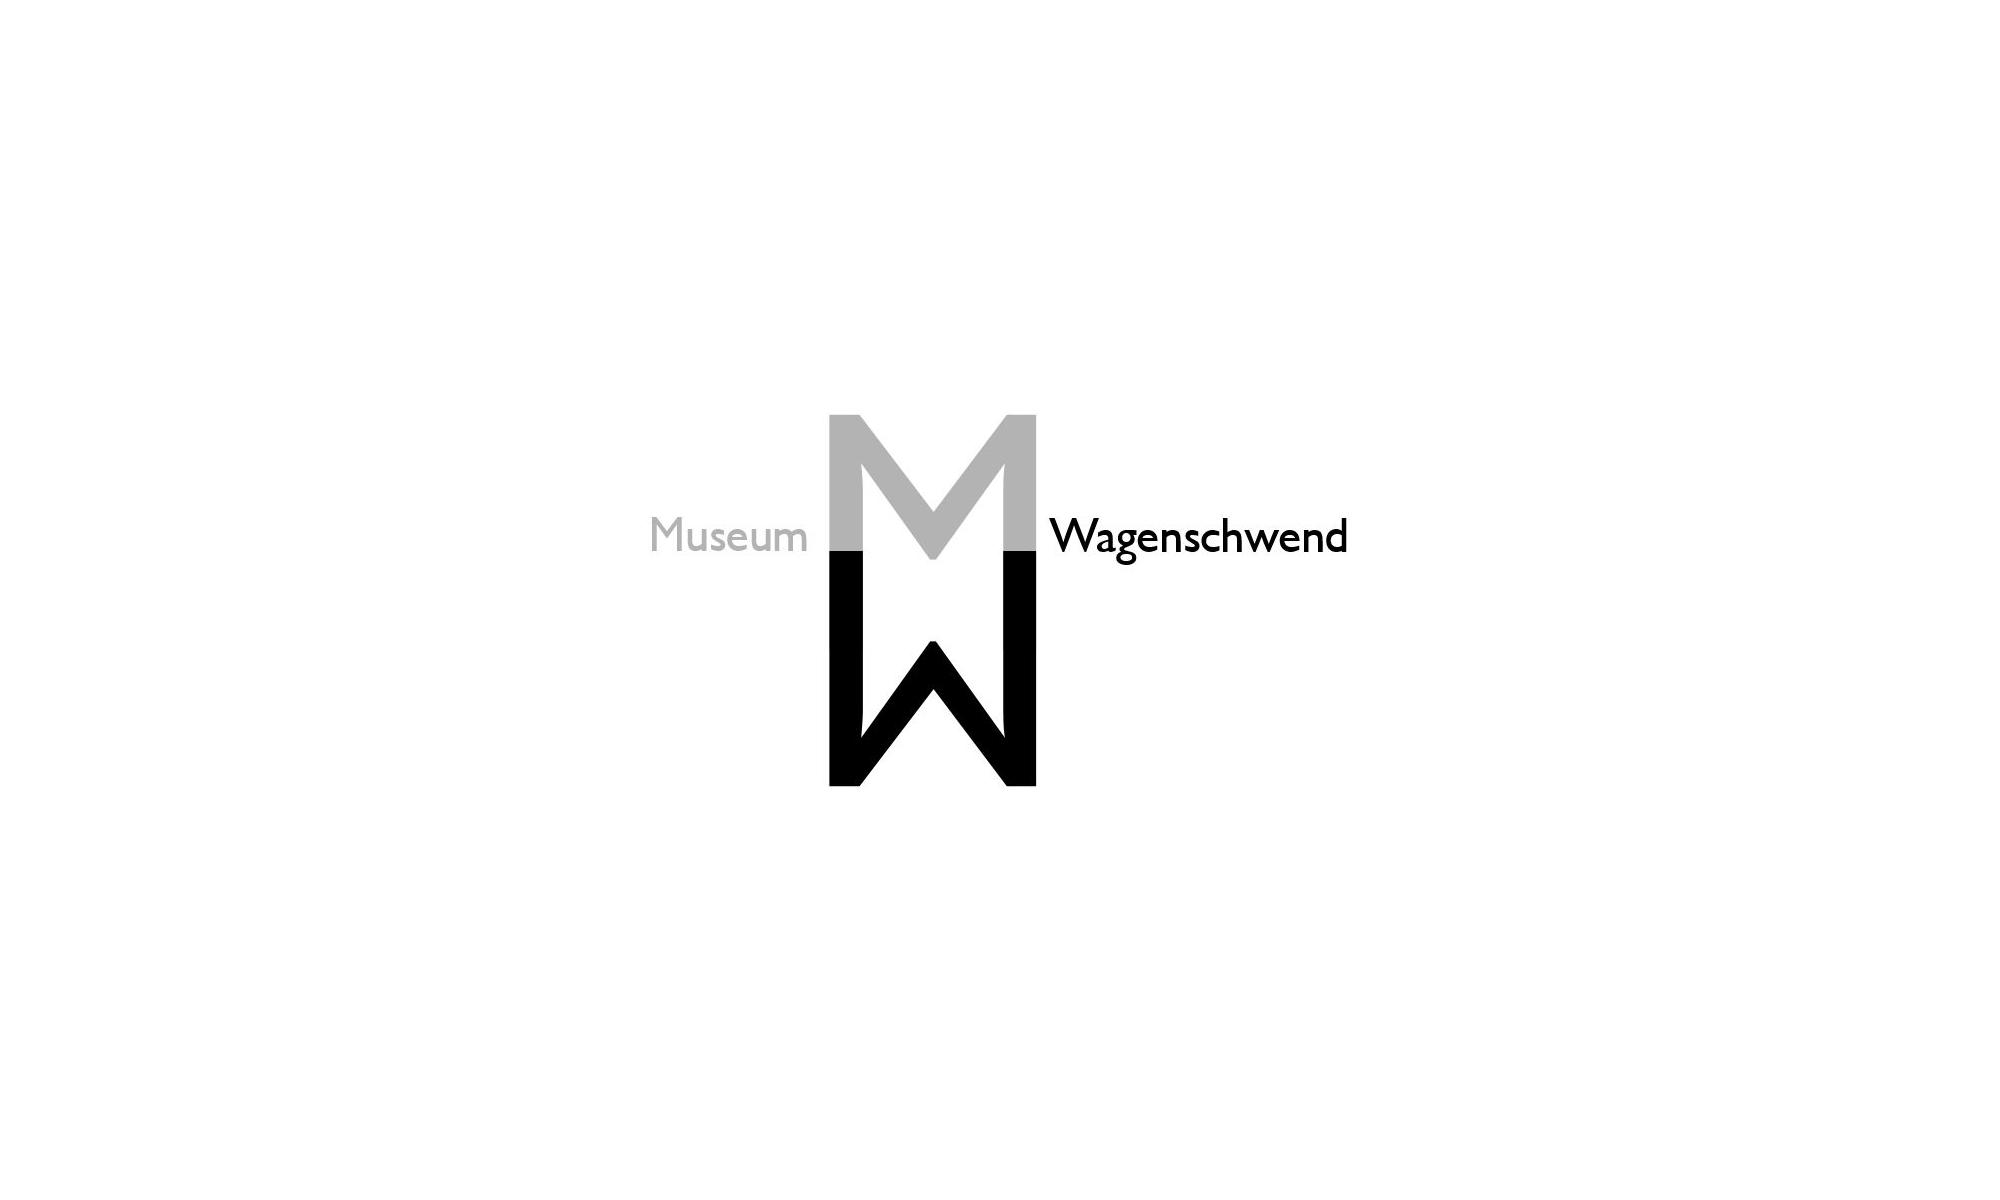 Museum Wagenschwend